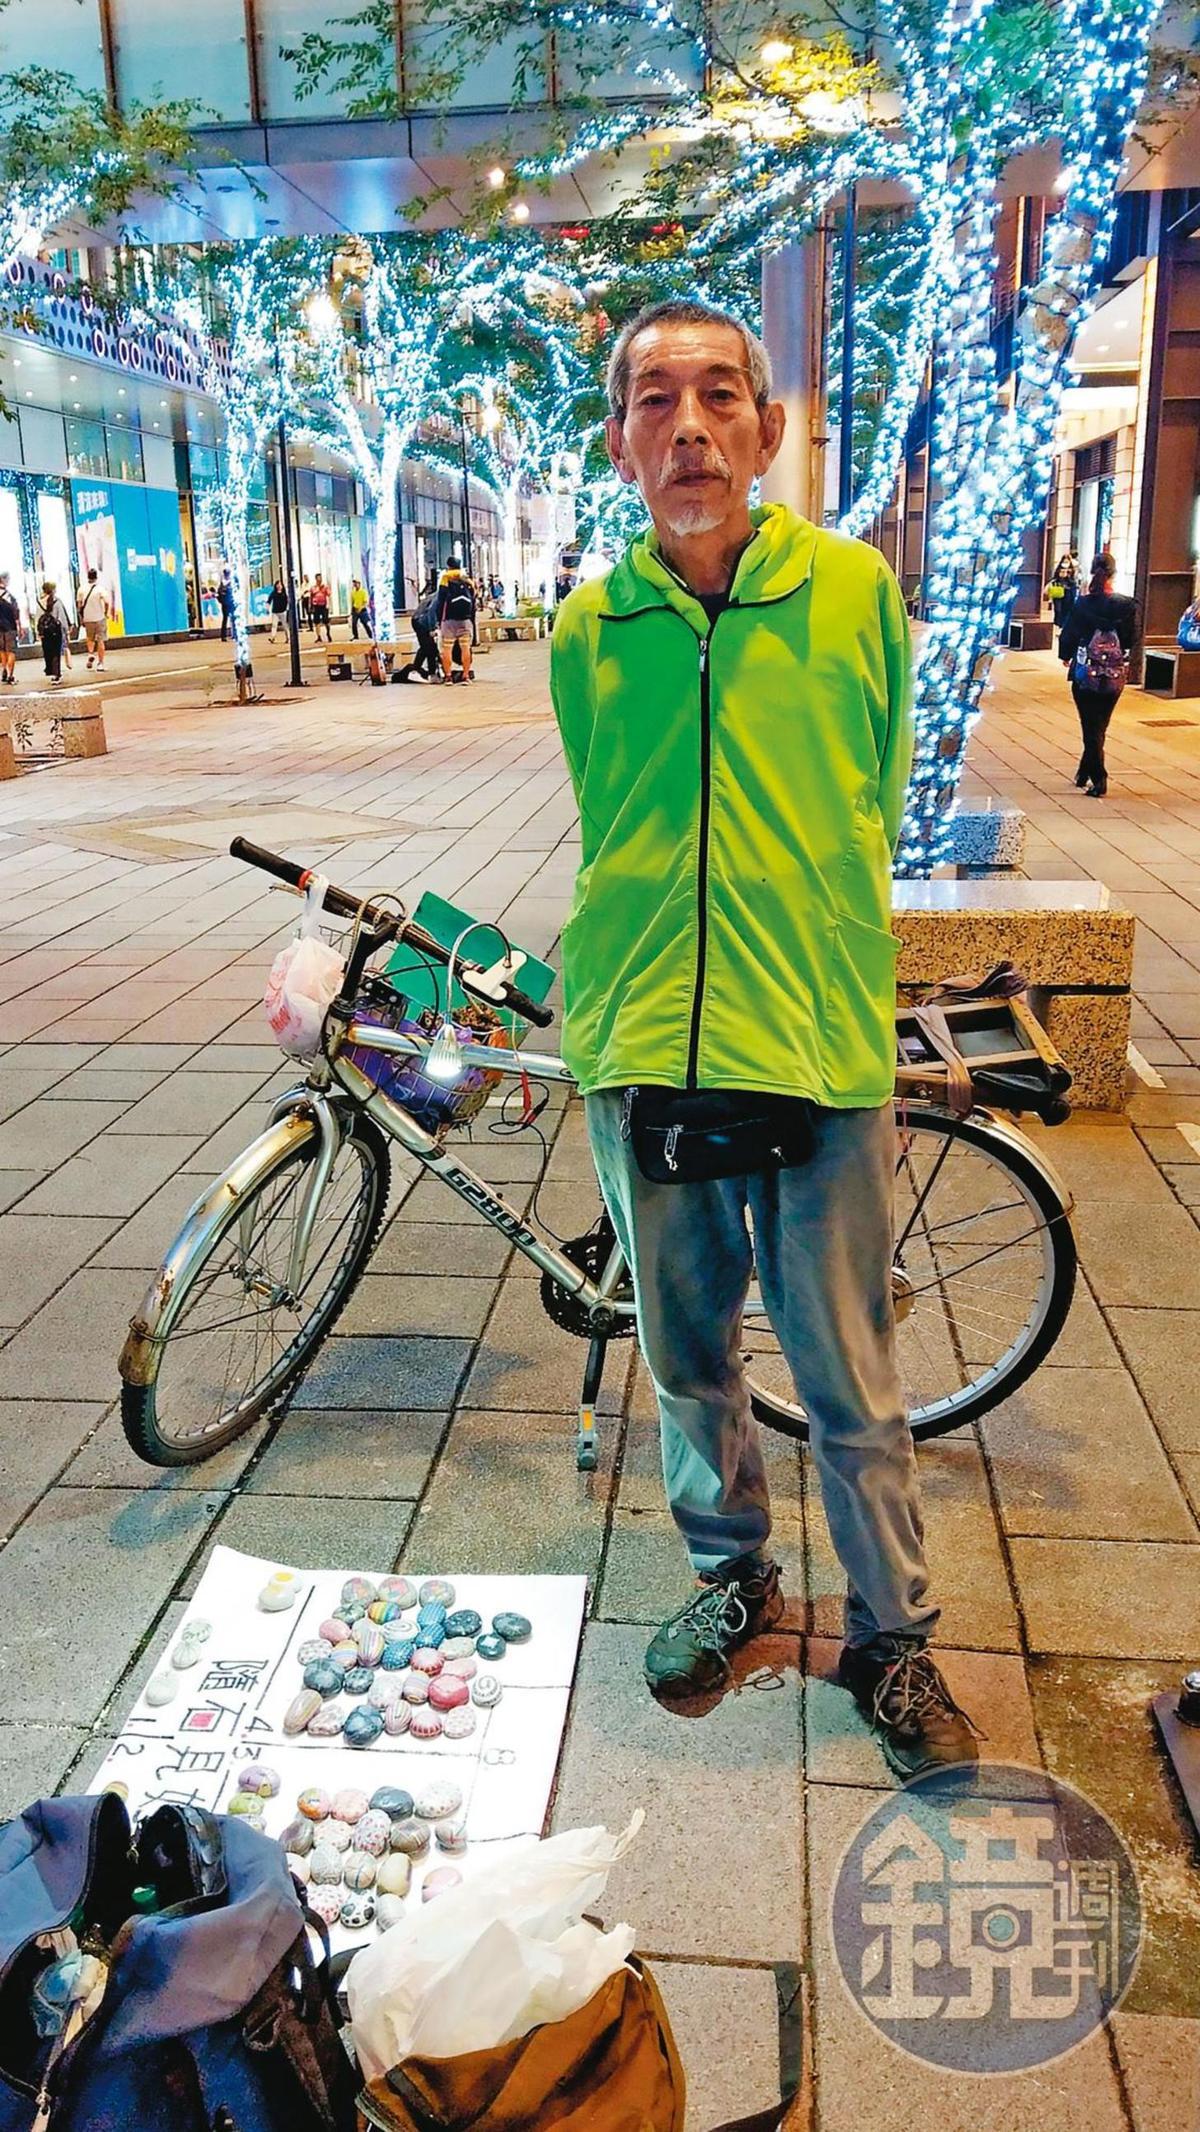 司馬中原次子吳融賁是彩繪石頭藝術家,在台北市信義區擺攤,遭黑道盯上勒索。